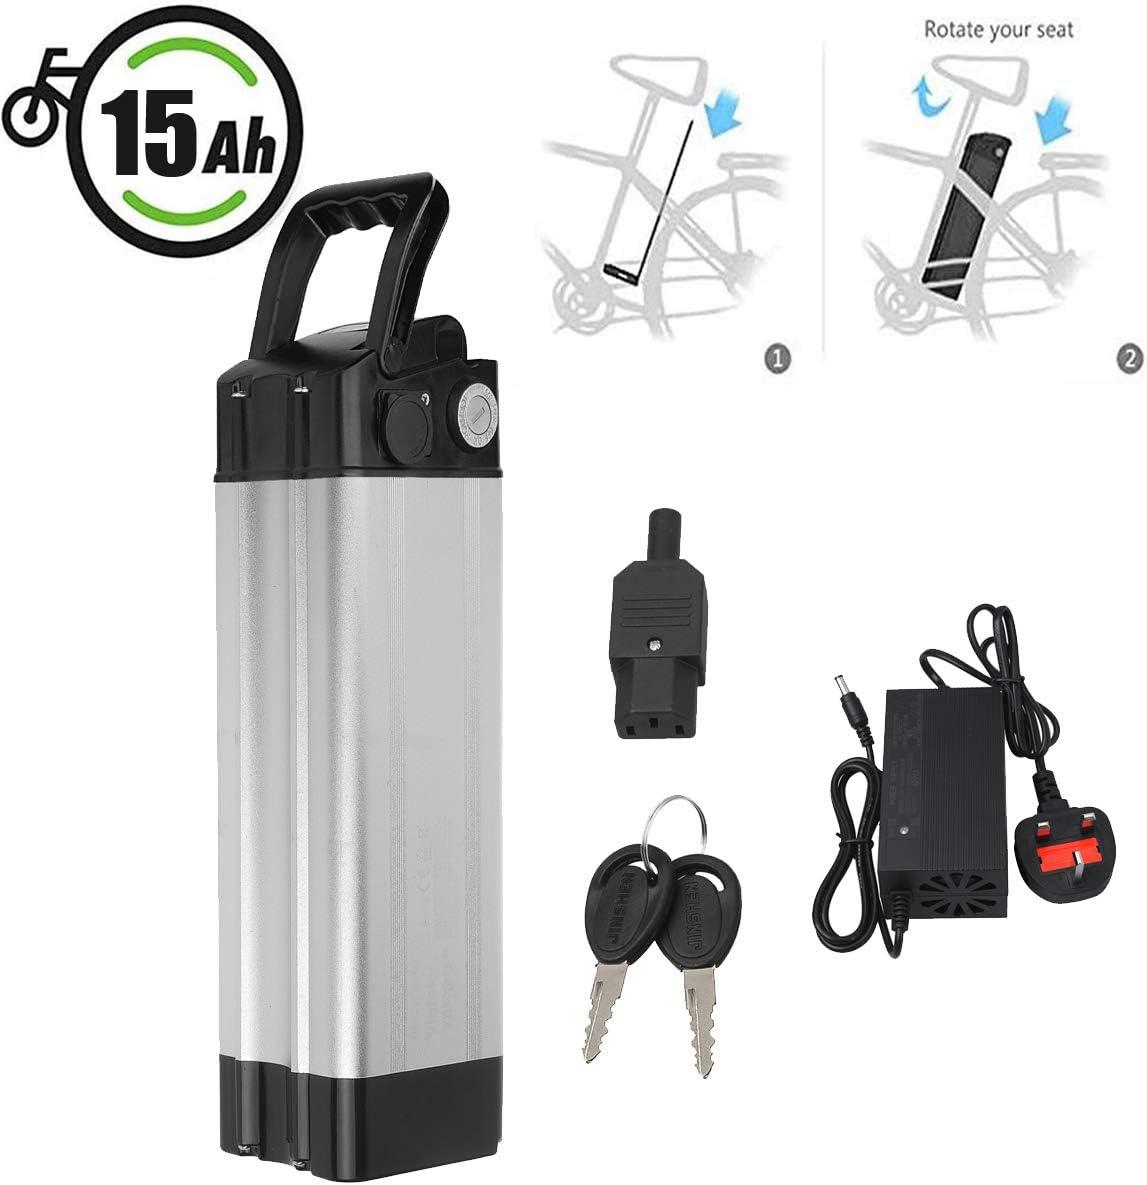 Vinteky Ebike Battery 24V 15AH E-Bike Pedelec Baterías de Iones de Litio con Soporte y Cargador